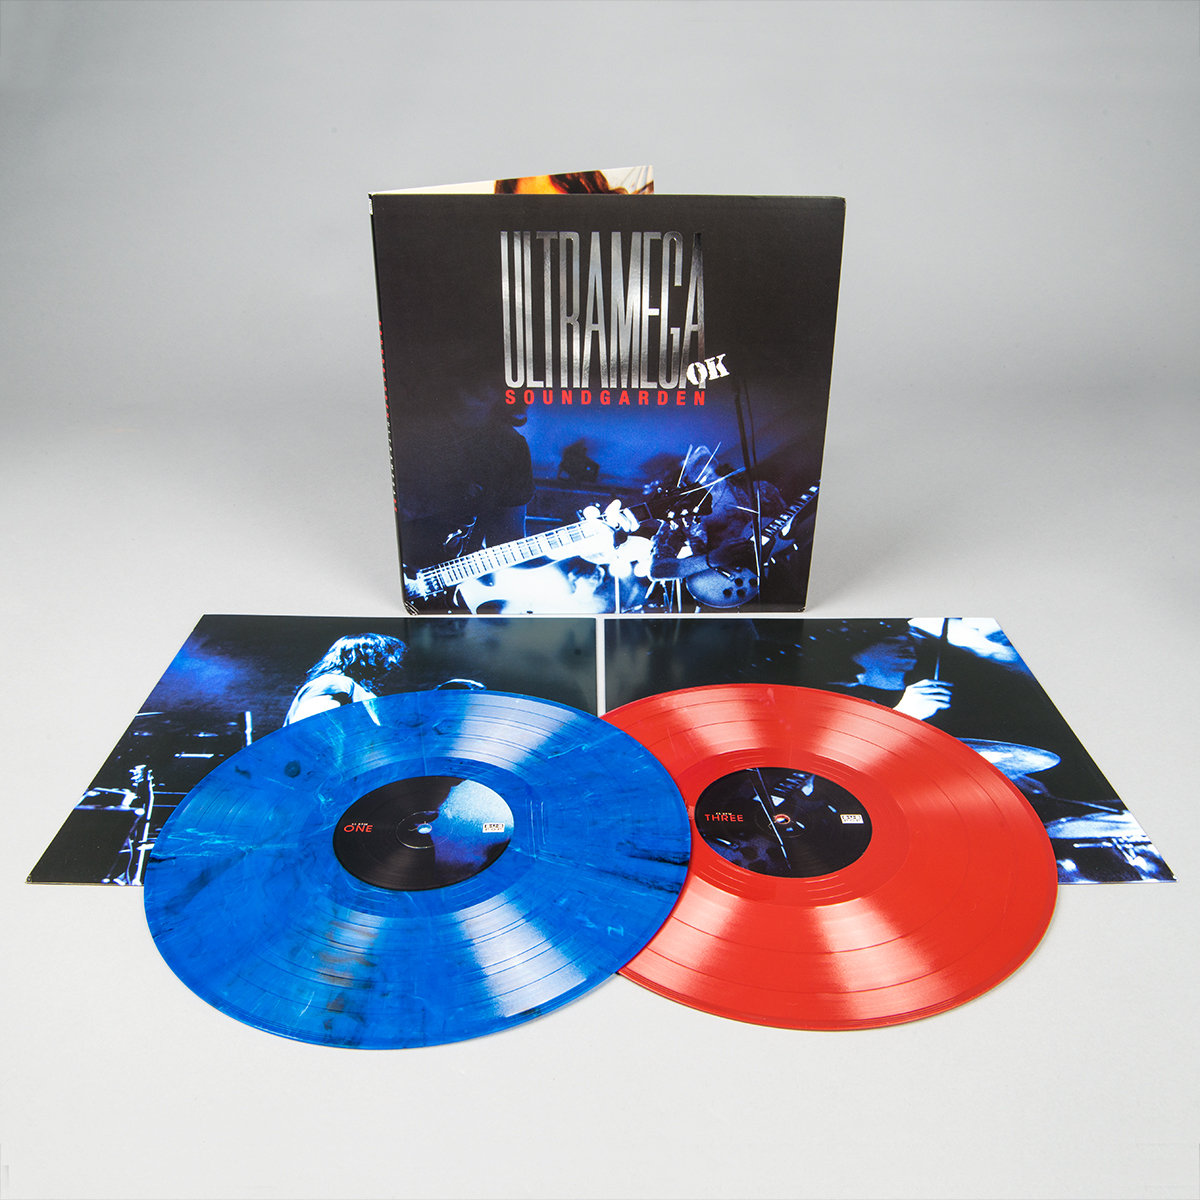 Ultramega Ok Expanded Reissue Soundgarden